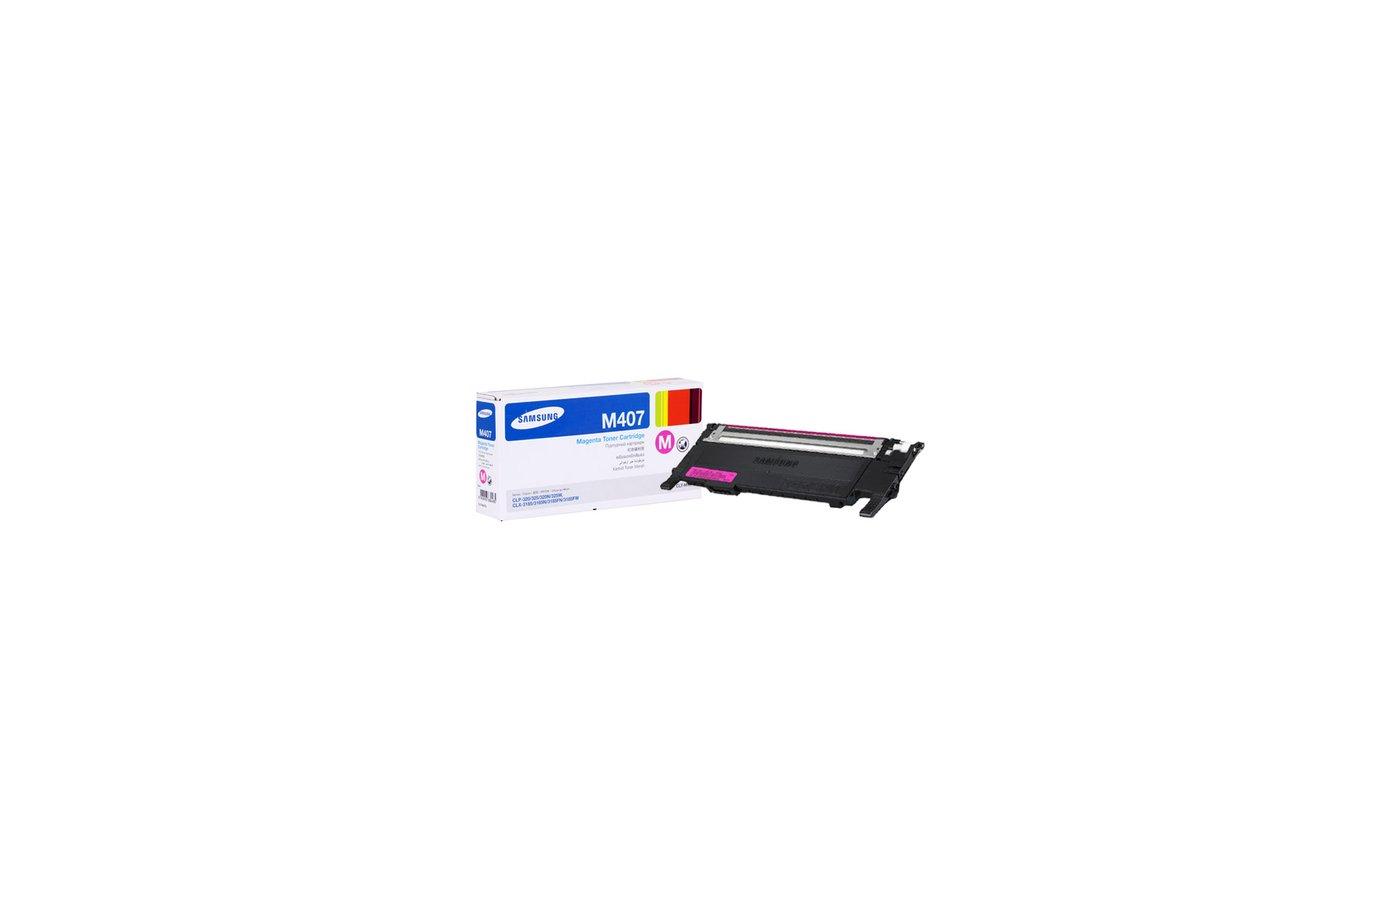 Картридж лазерный Samsung CLT-M407S пурпурный для CLP-320/320N/325 / CLX-3185/3185N/3185FN (1000стр.)